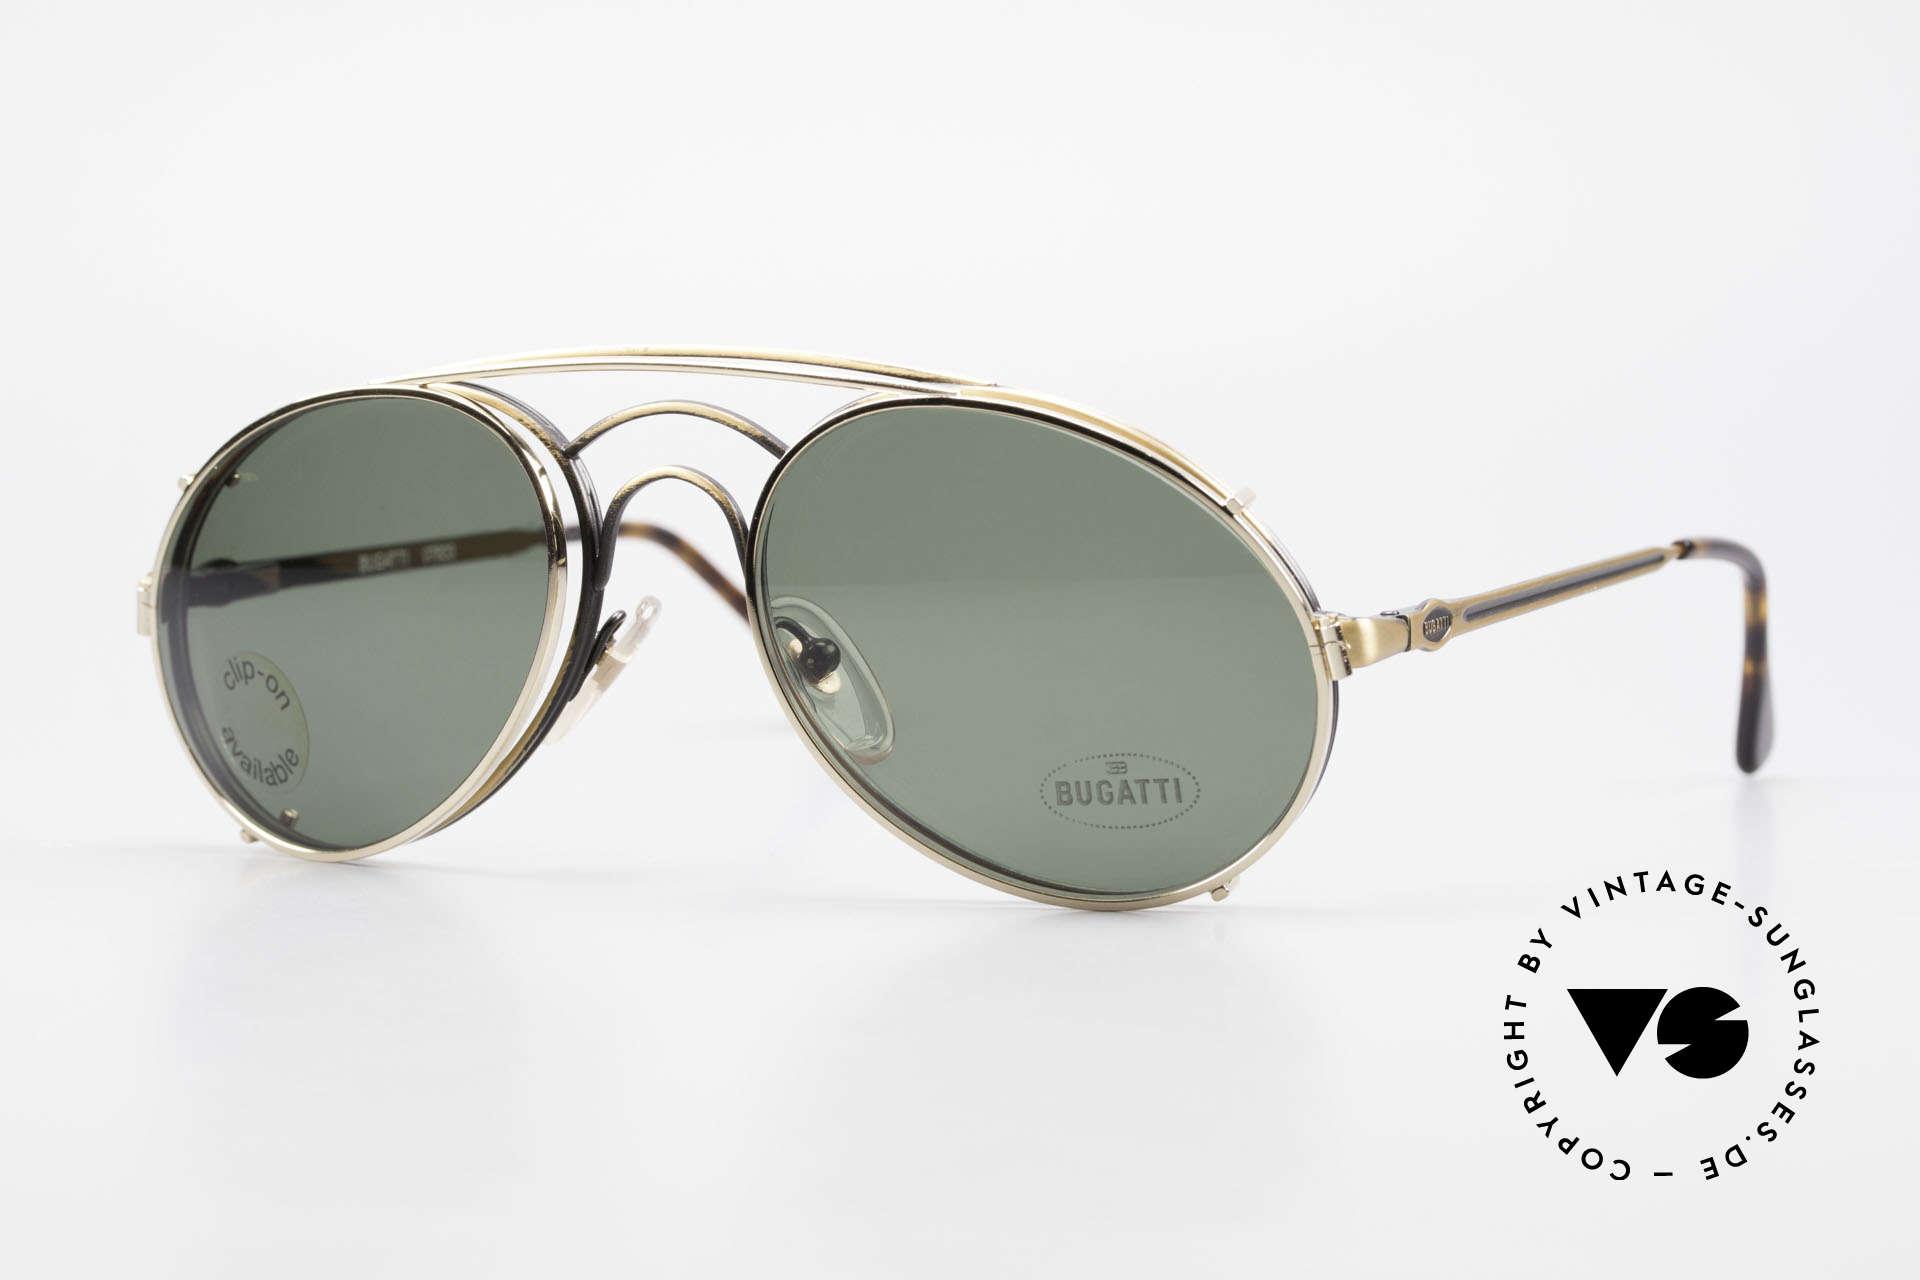 Bugatti 07823 Alte 80er Brille mit Vorhänger, klassisches BUGATTI Sonnenbrillen-Design von 1989, Passend für Herren